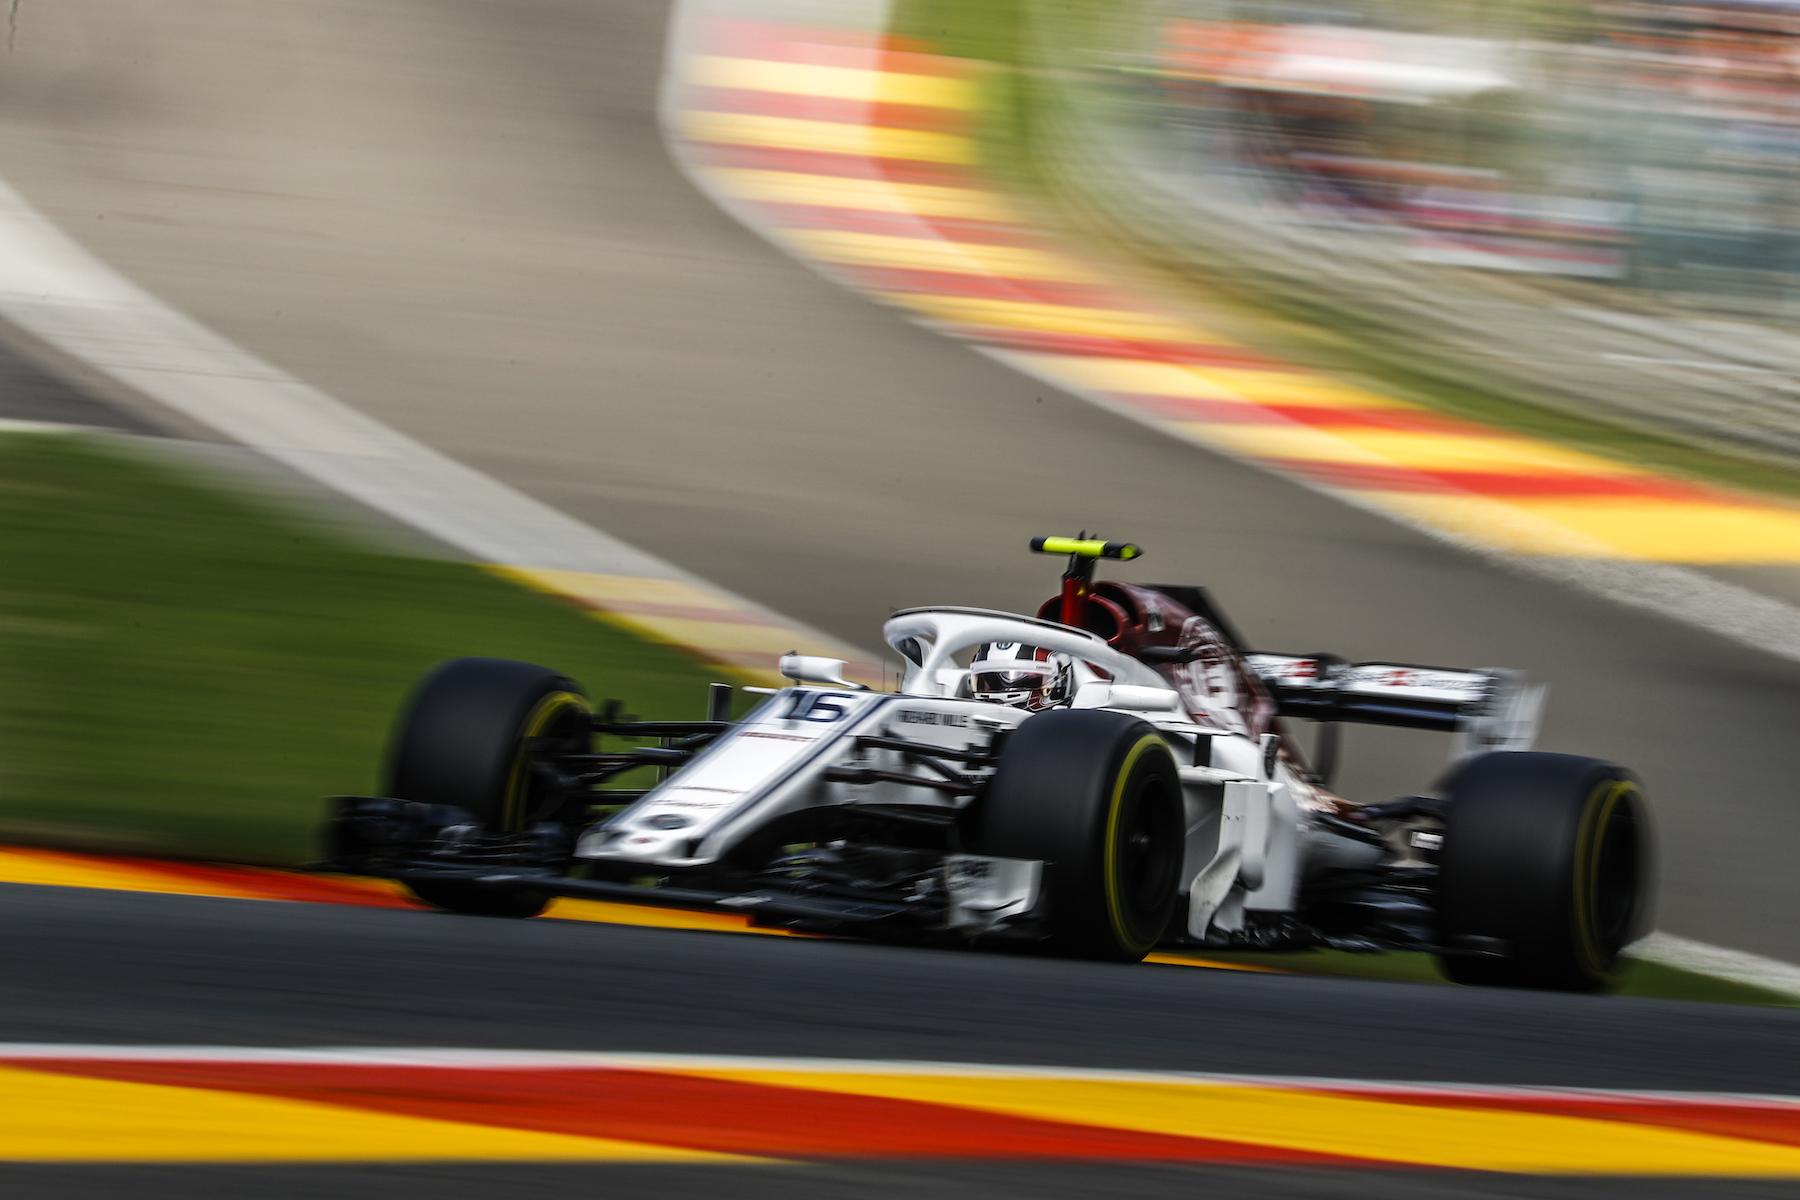 10 - Charles Leclerc at Belgium